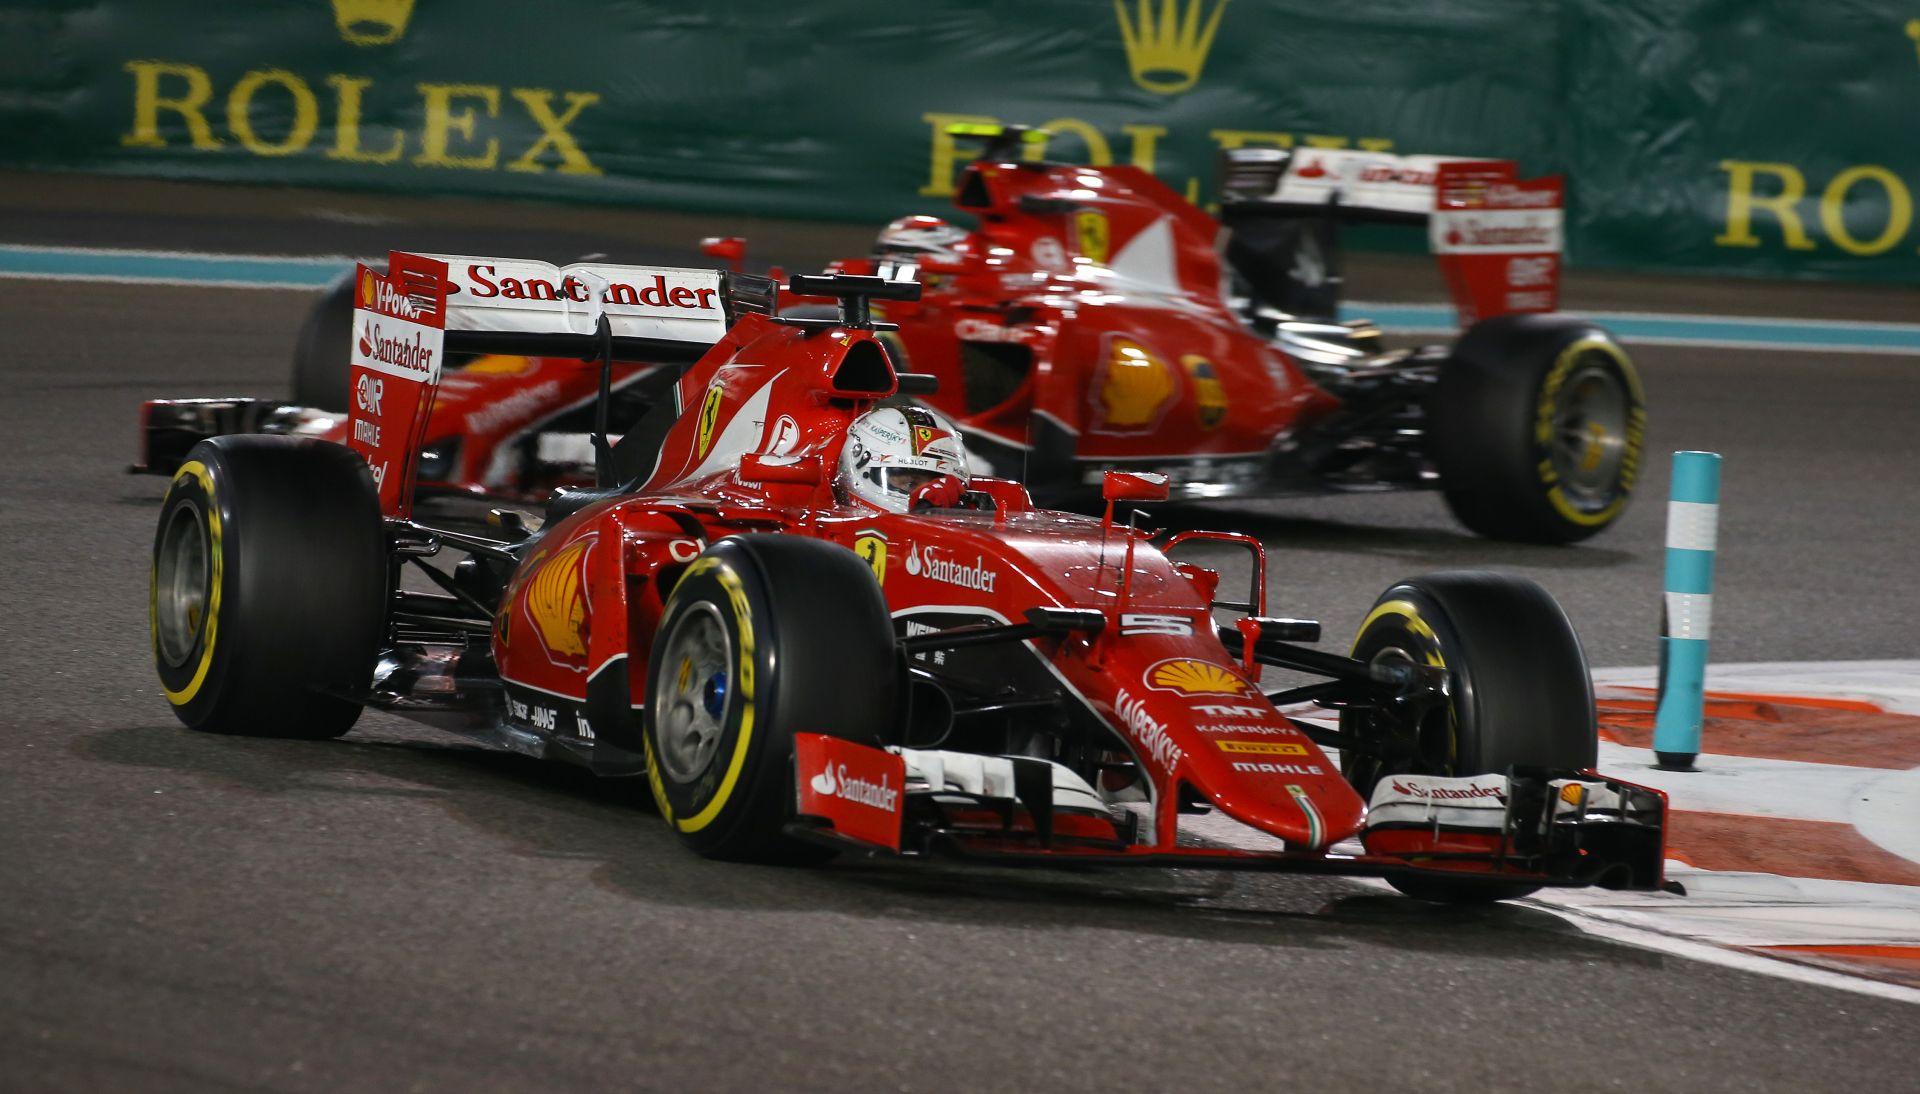 Vettel lassult volna Räikkönenhez képest - vagy a finn lett gyorsabb?